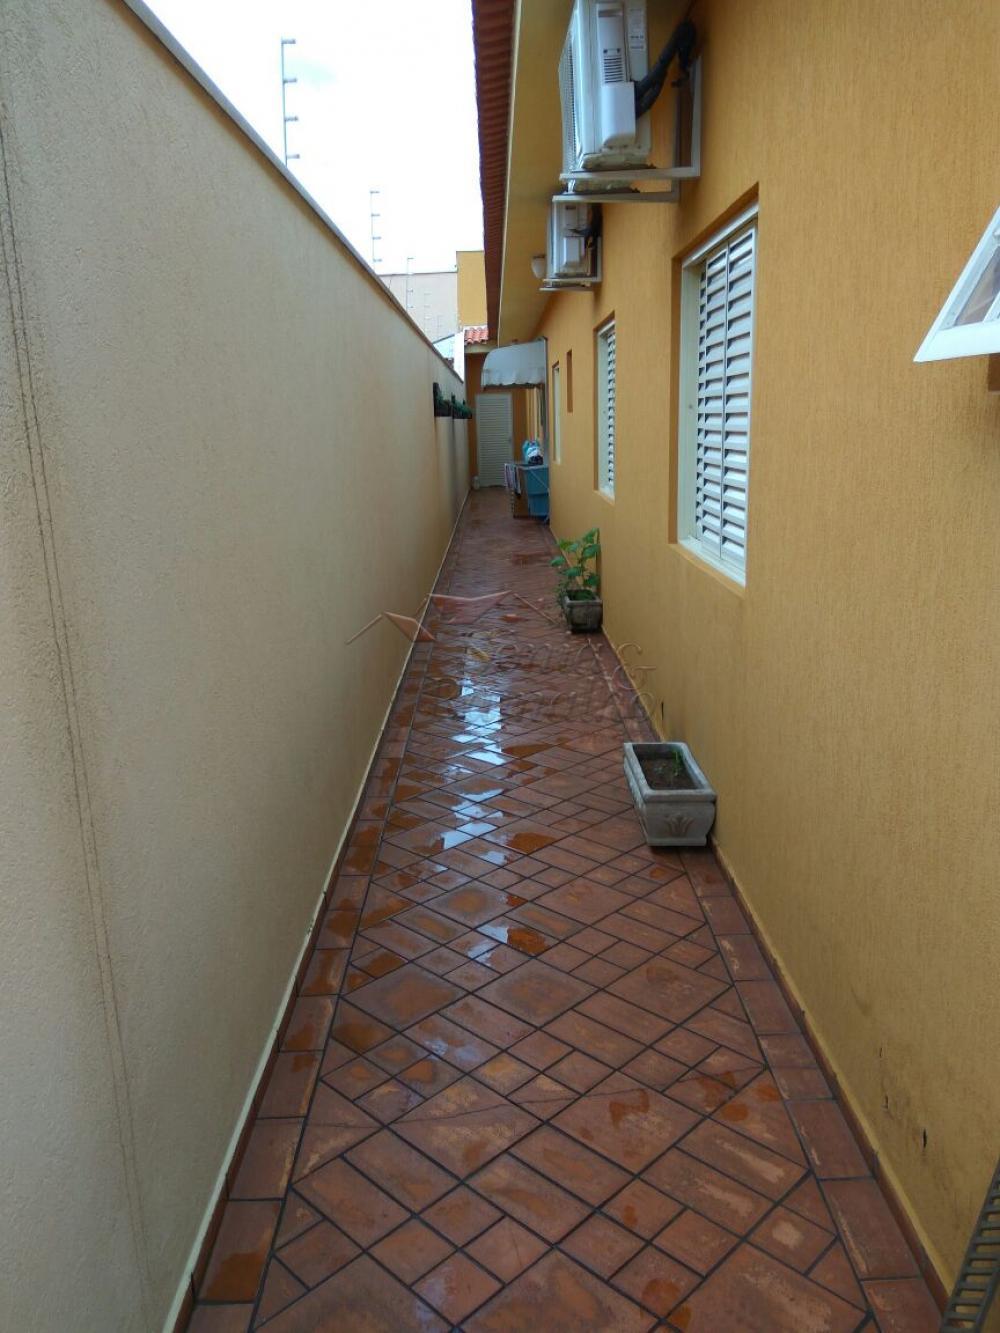 Comprar Casas / Padrão em Ribeirão Preto apenas R$ 420.000,00 - Foto 37